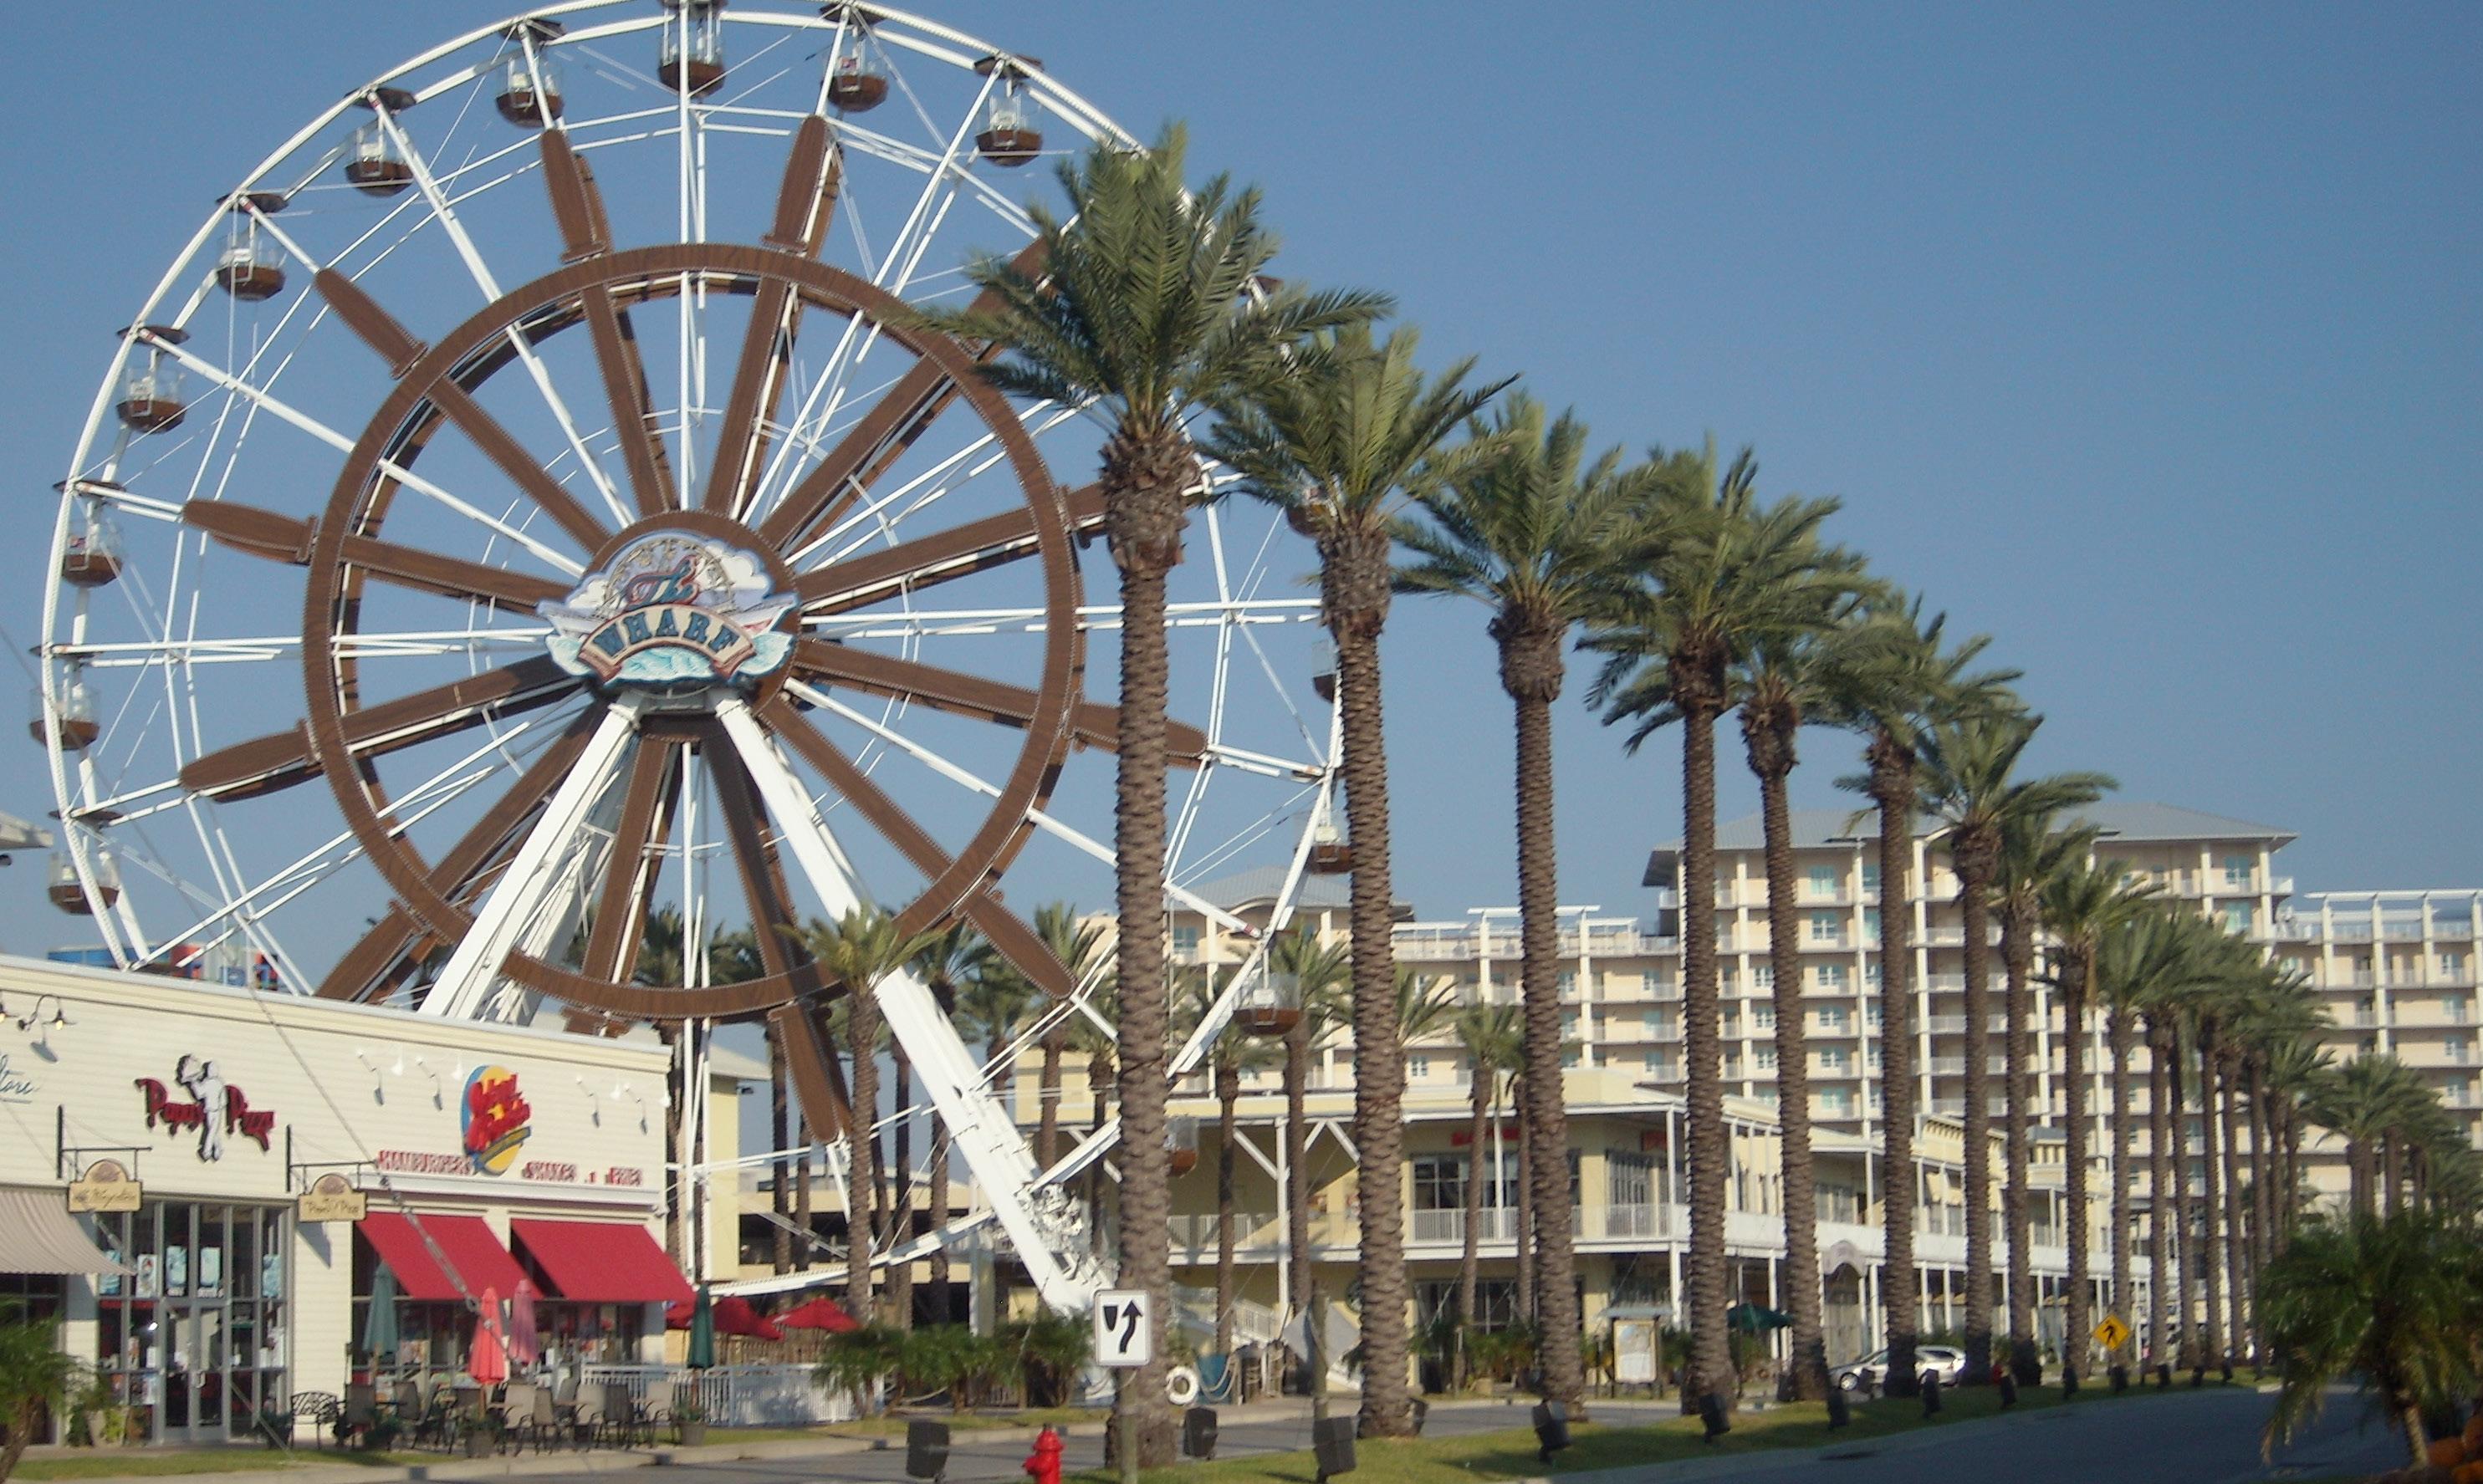 The Wharf Ferris Wheel